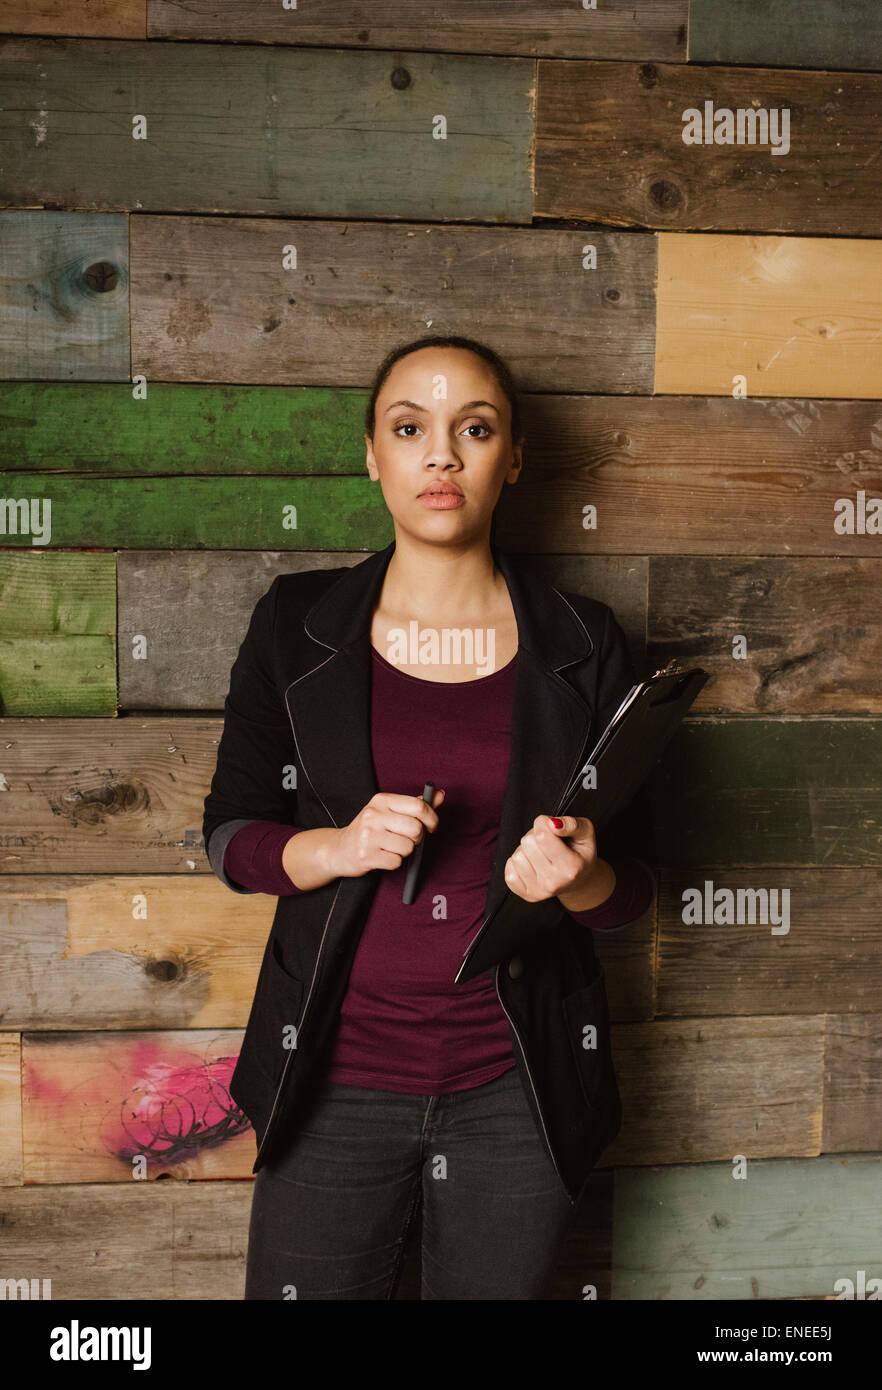 Ritratto di determinata giovane donna tenendo un clipboard in piedi contro una parete in legno guardando la fotocamera. Immagini Stock